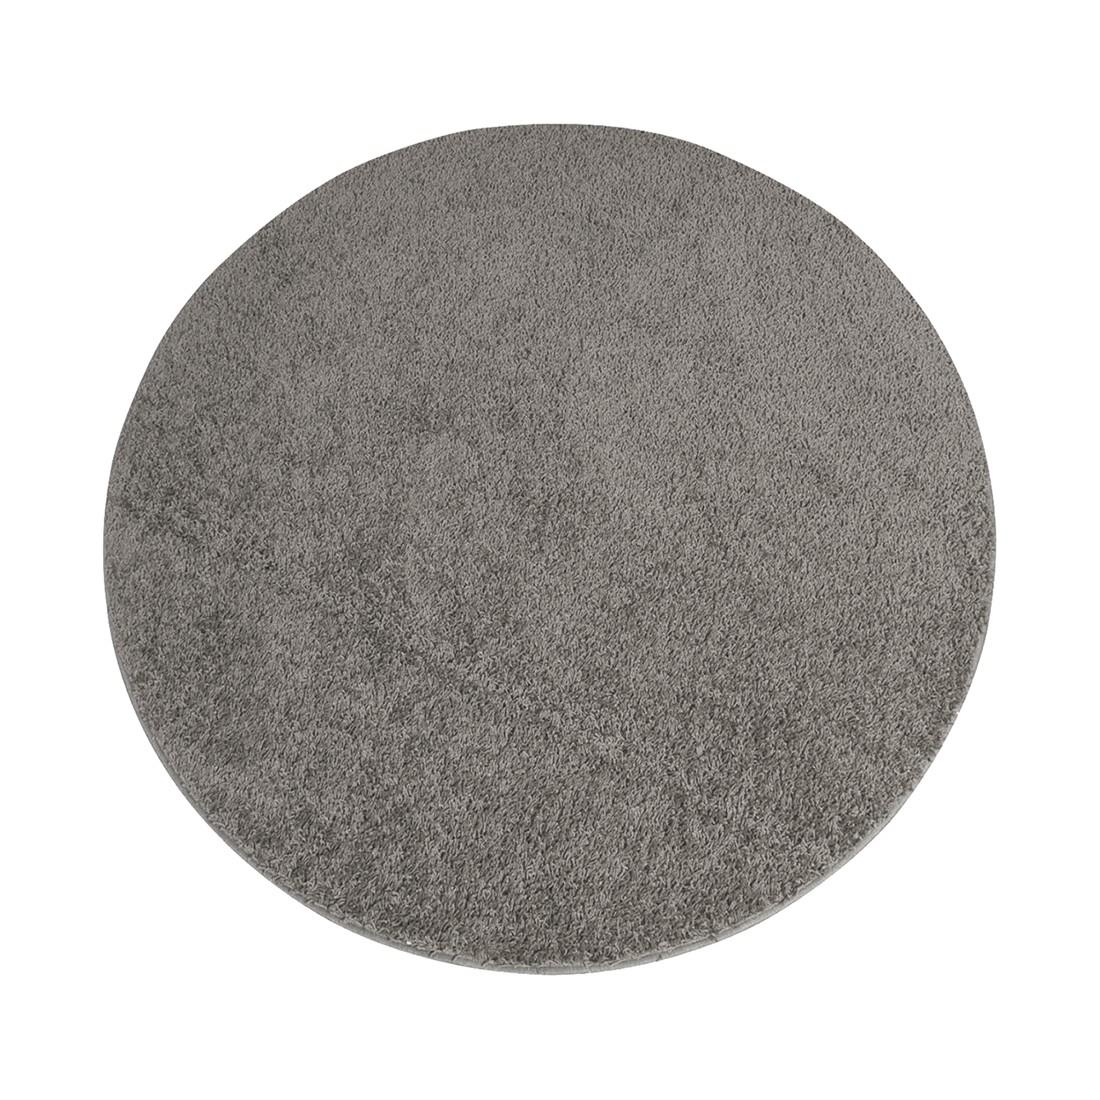 tappeto shaggy rotondo idee per il design della casa. Black Bedroom Furniture Sets. Home Design Ideas